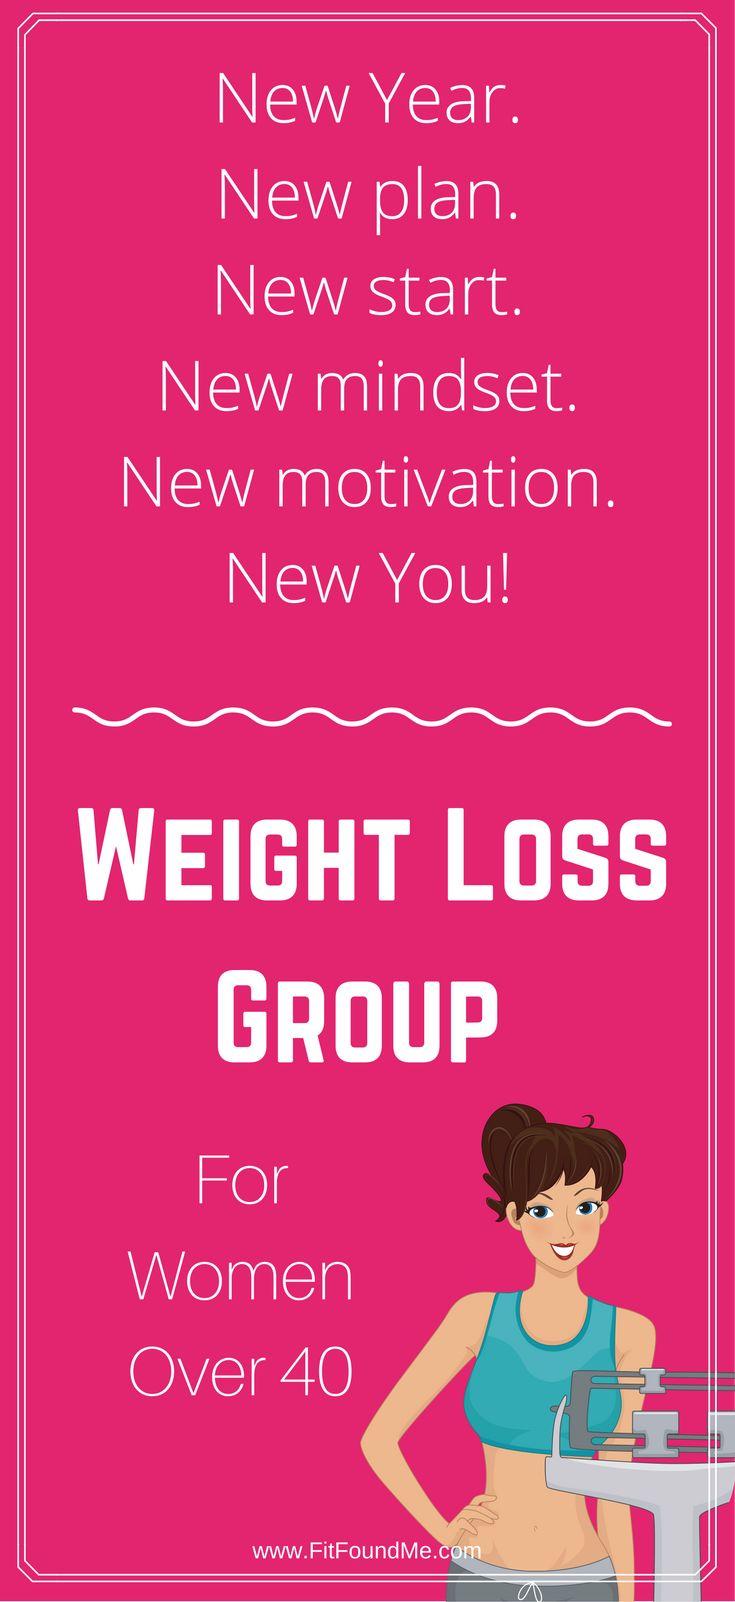 weightloss group